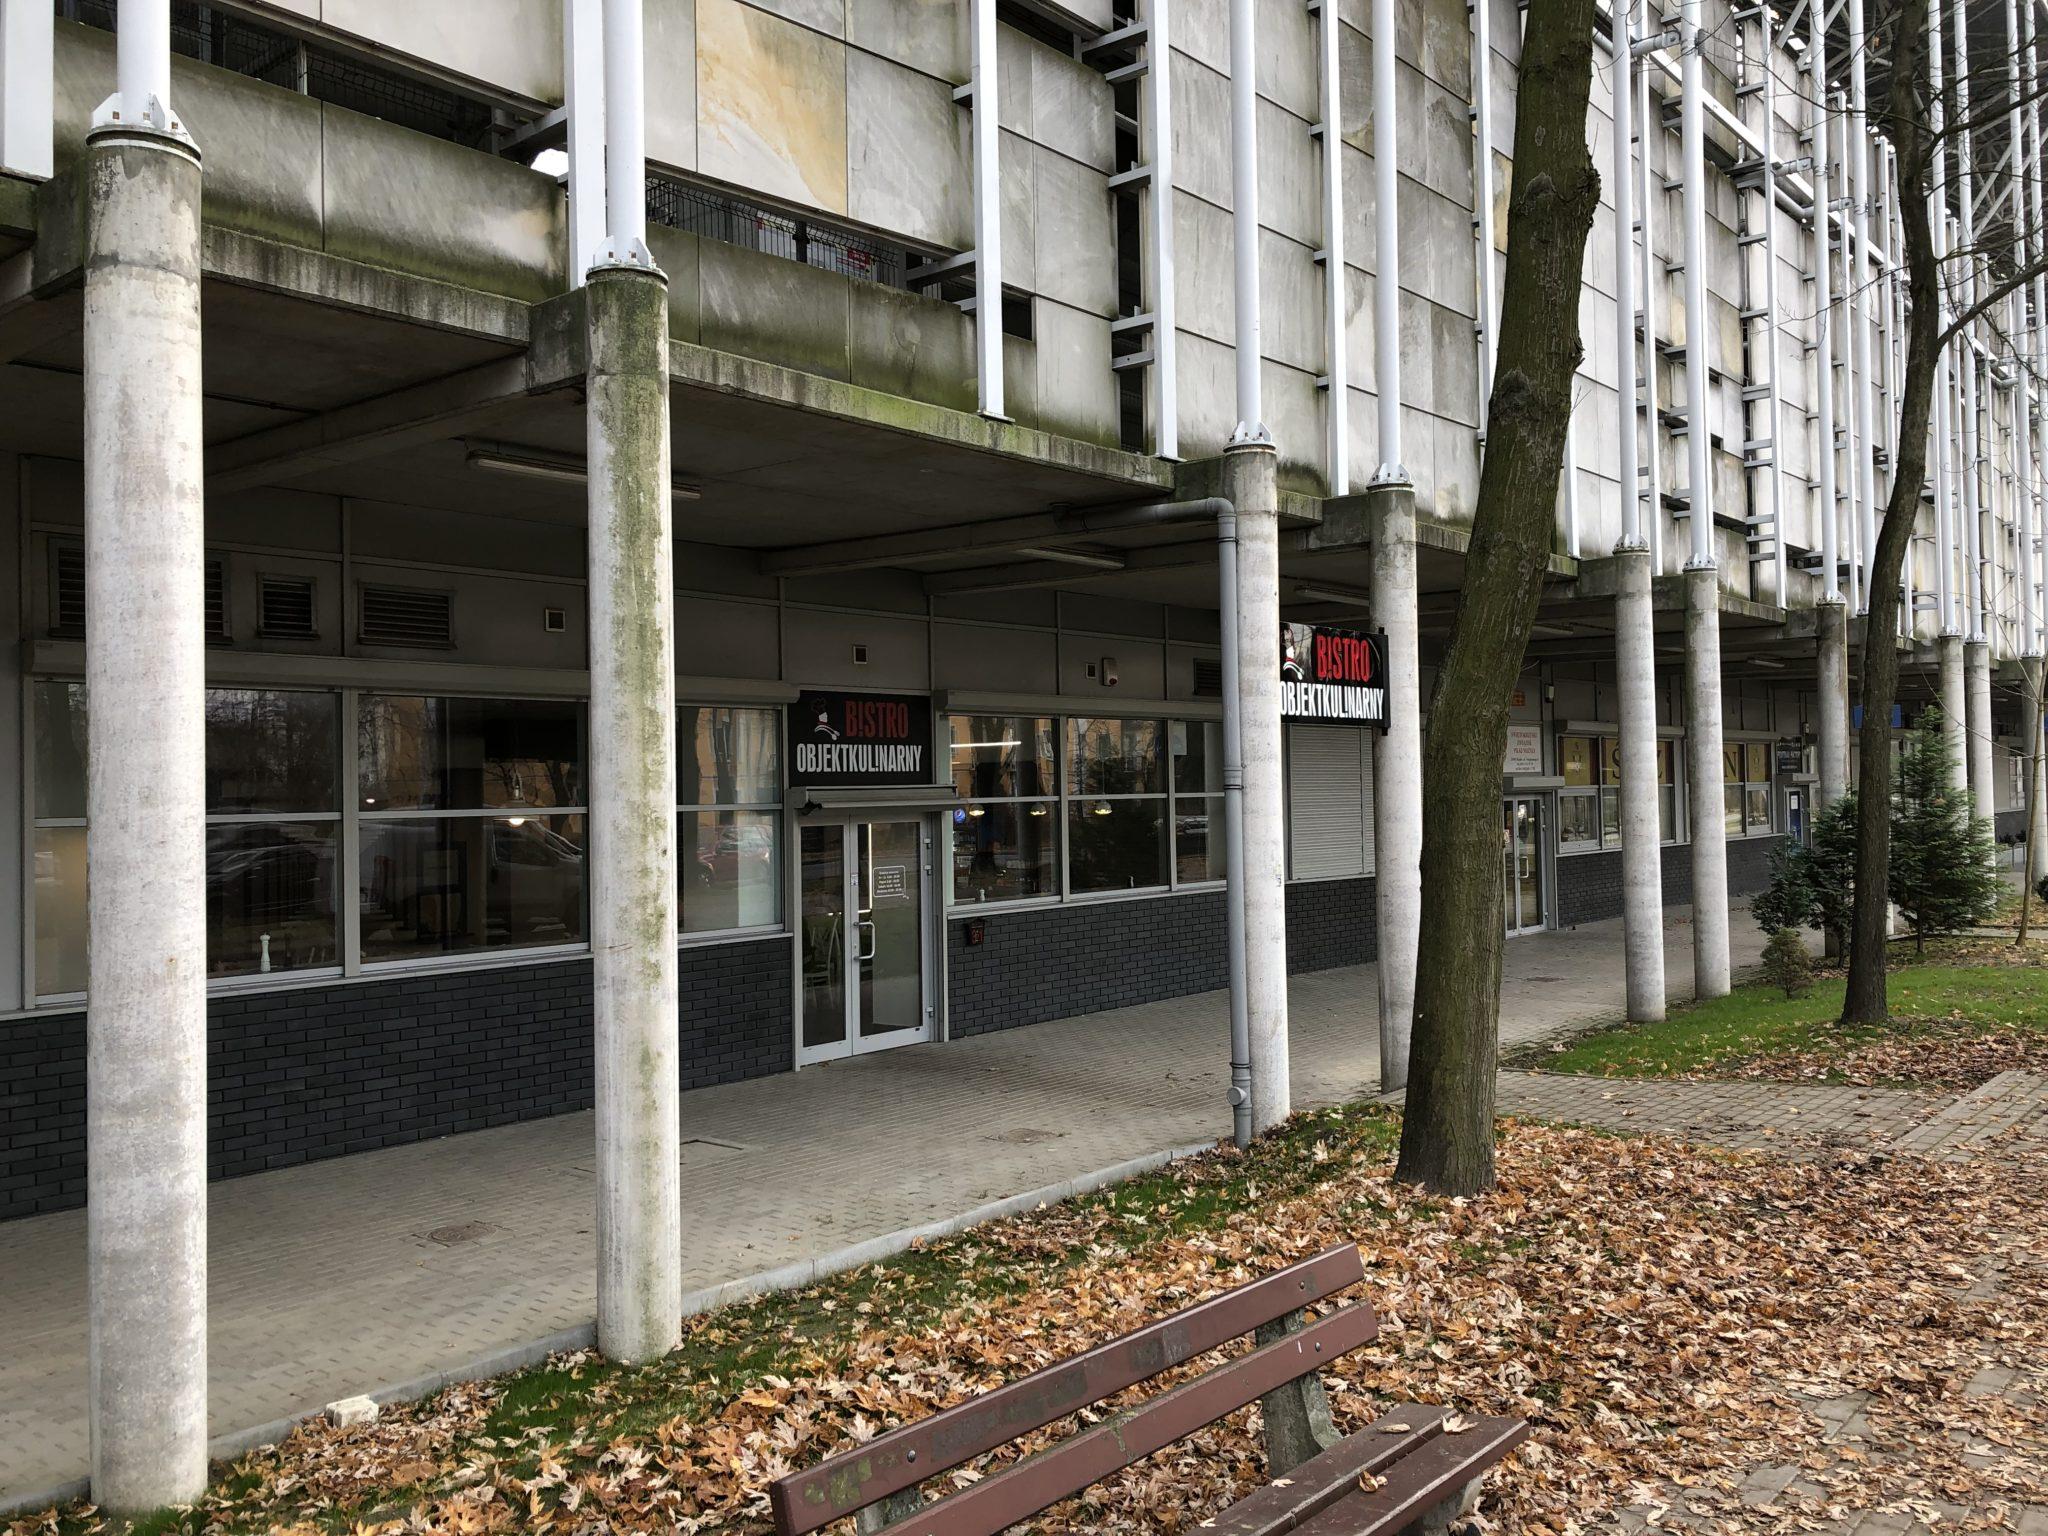 Tanie Lunche W Kielcach Bistro Objektkulinarny Street